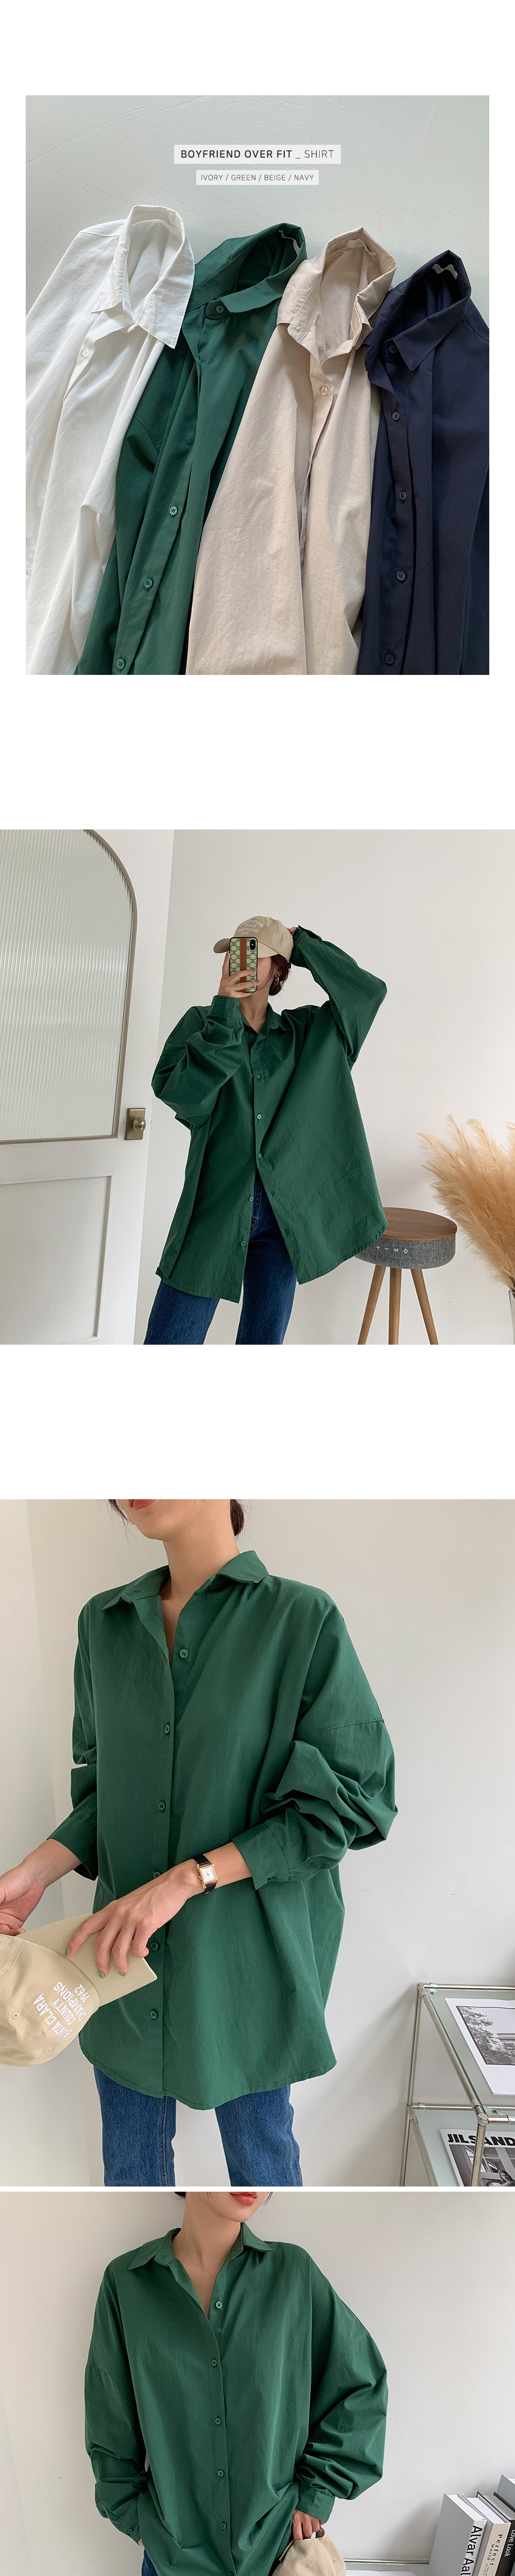 악세사리 모델 착용 이미지-S2L1